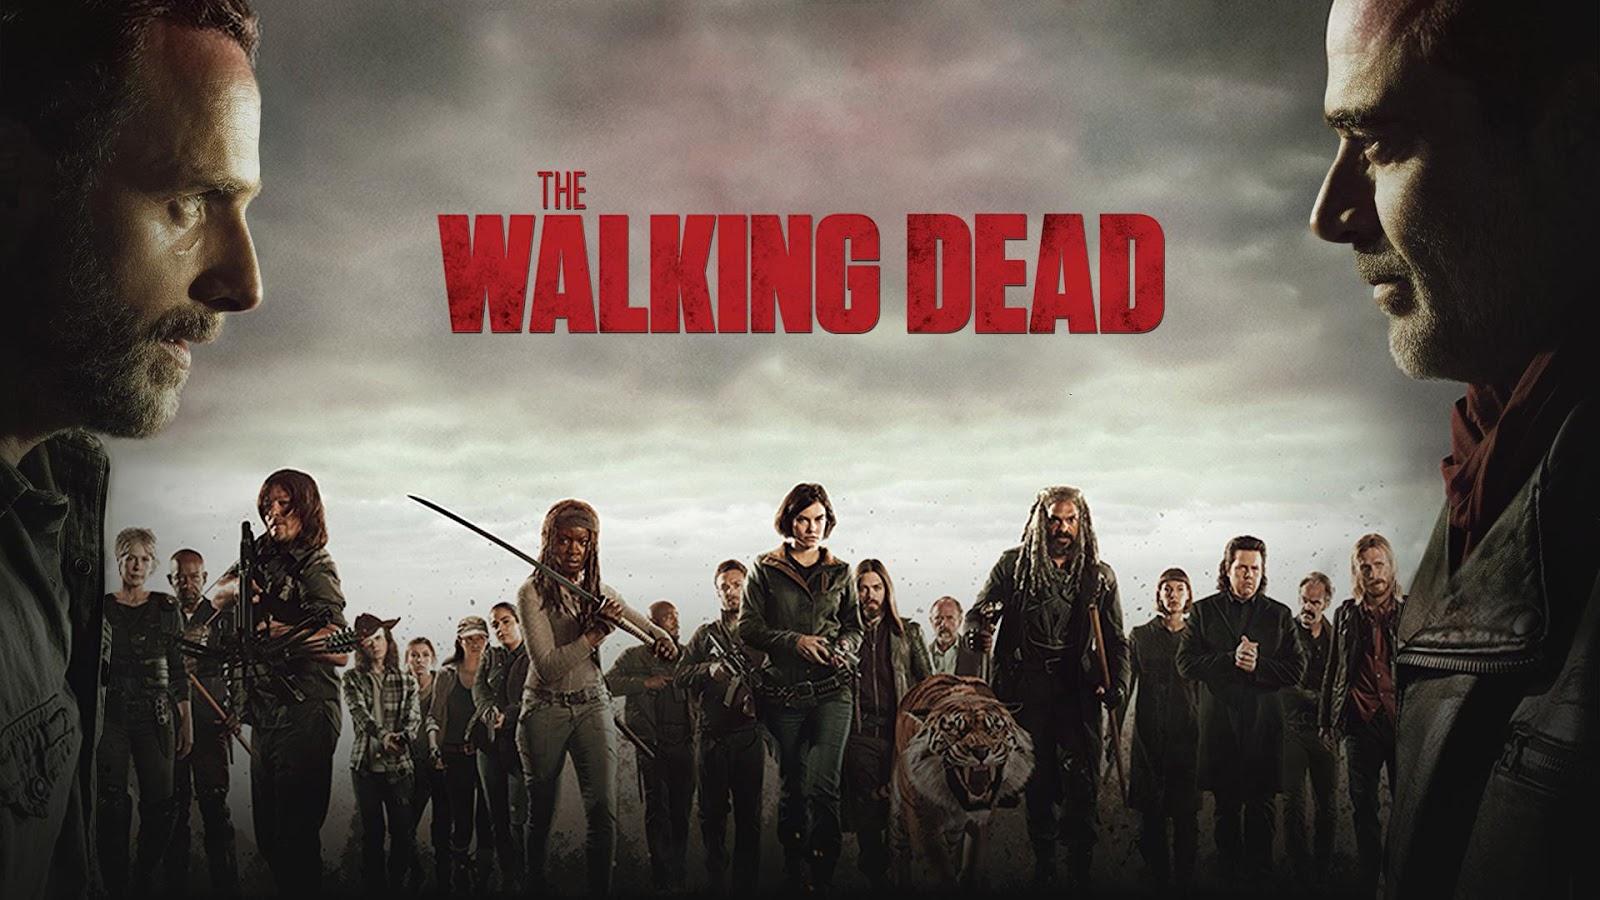 walking dead s08e01 torrent kickass